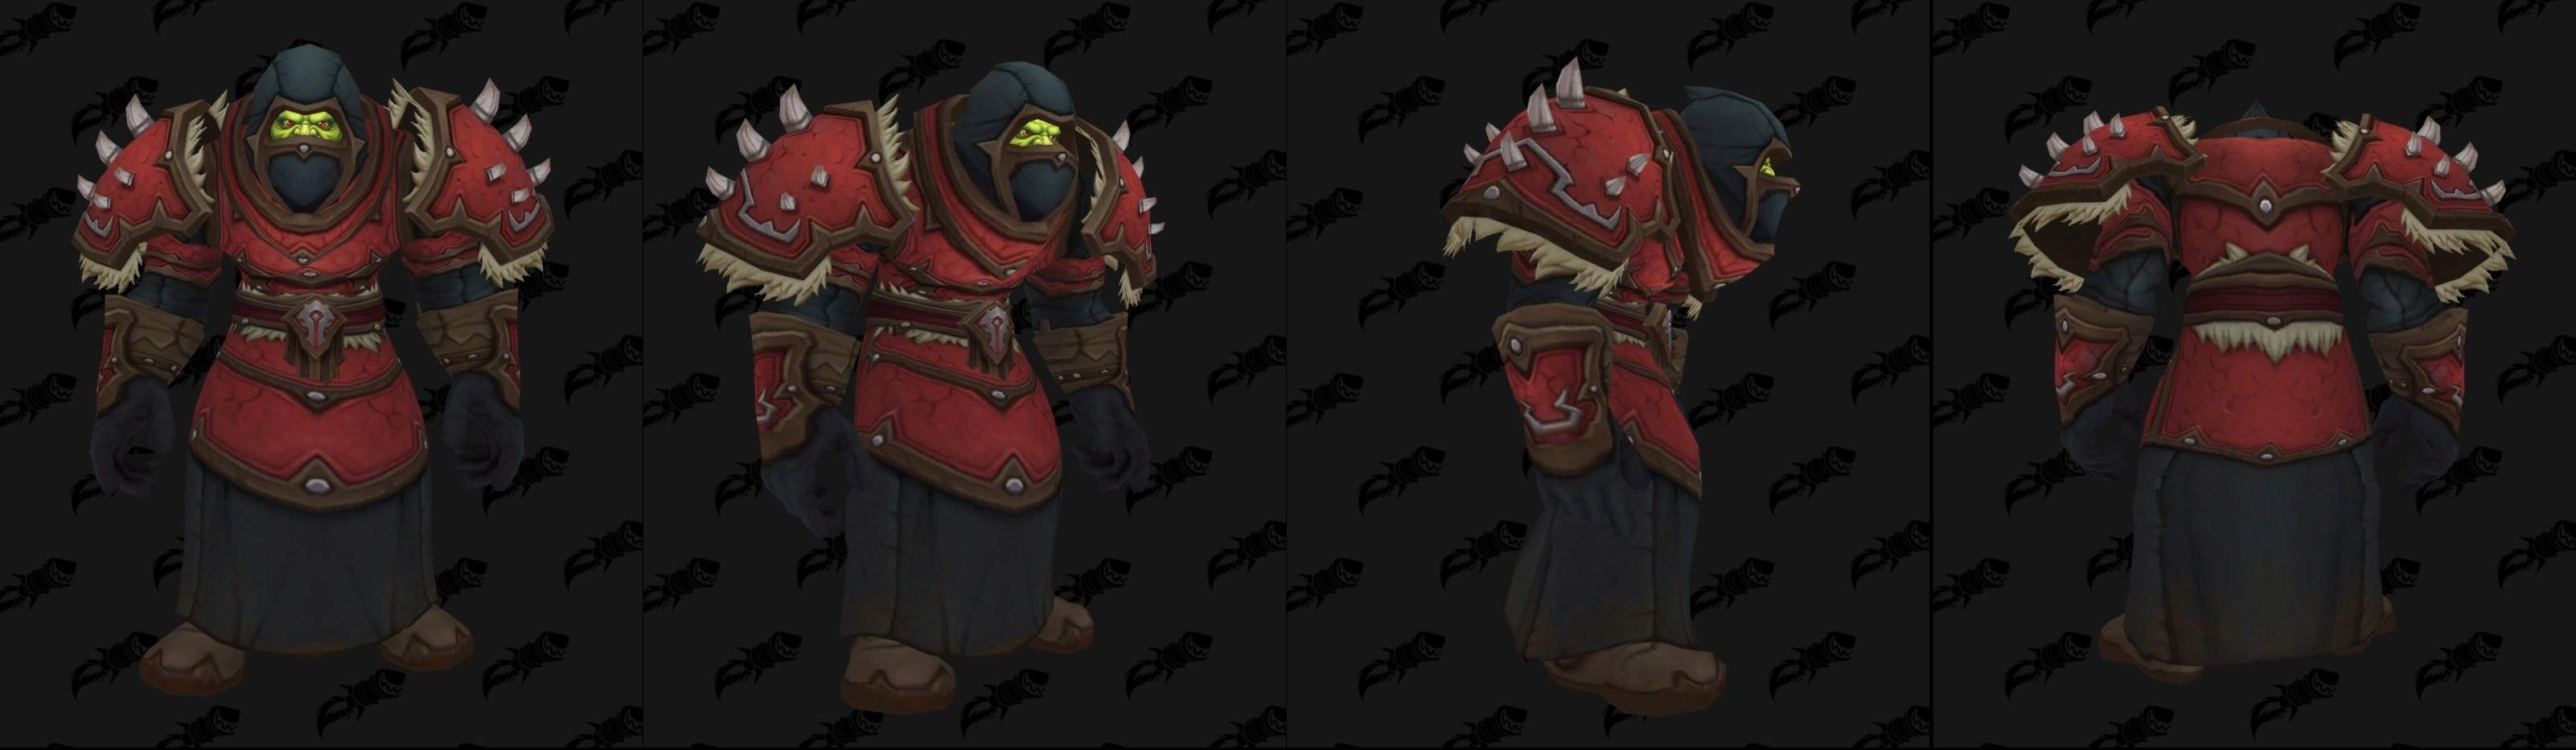 Armures cuir (Horde) - Fronts de guerre Tier 2 - Coloris 1